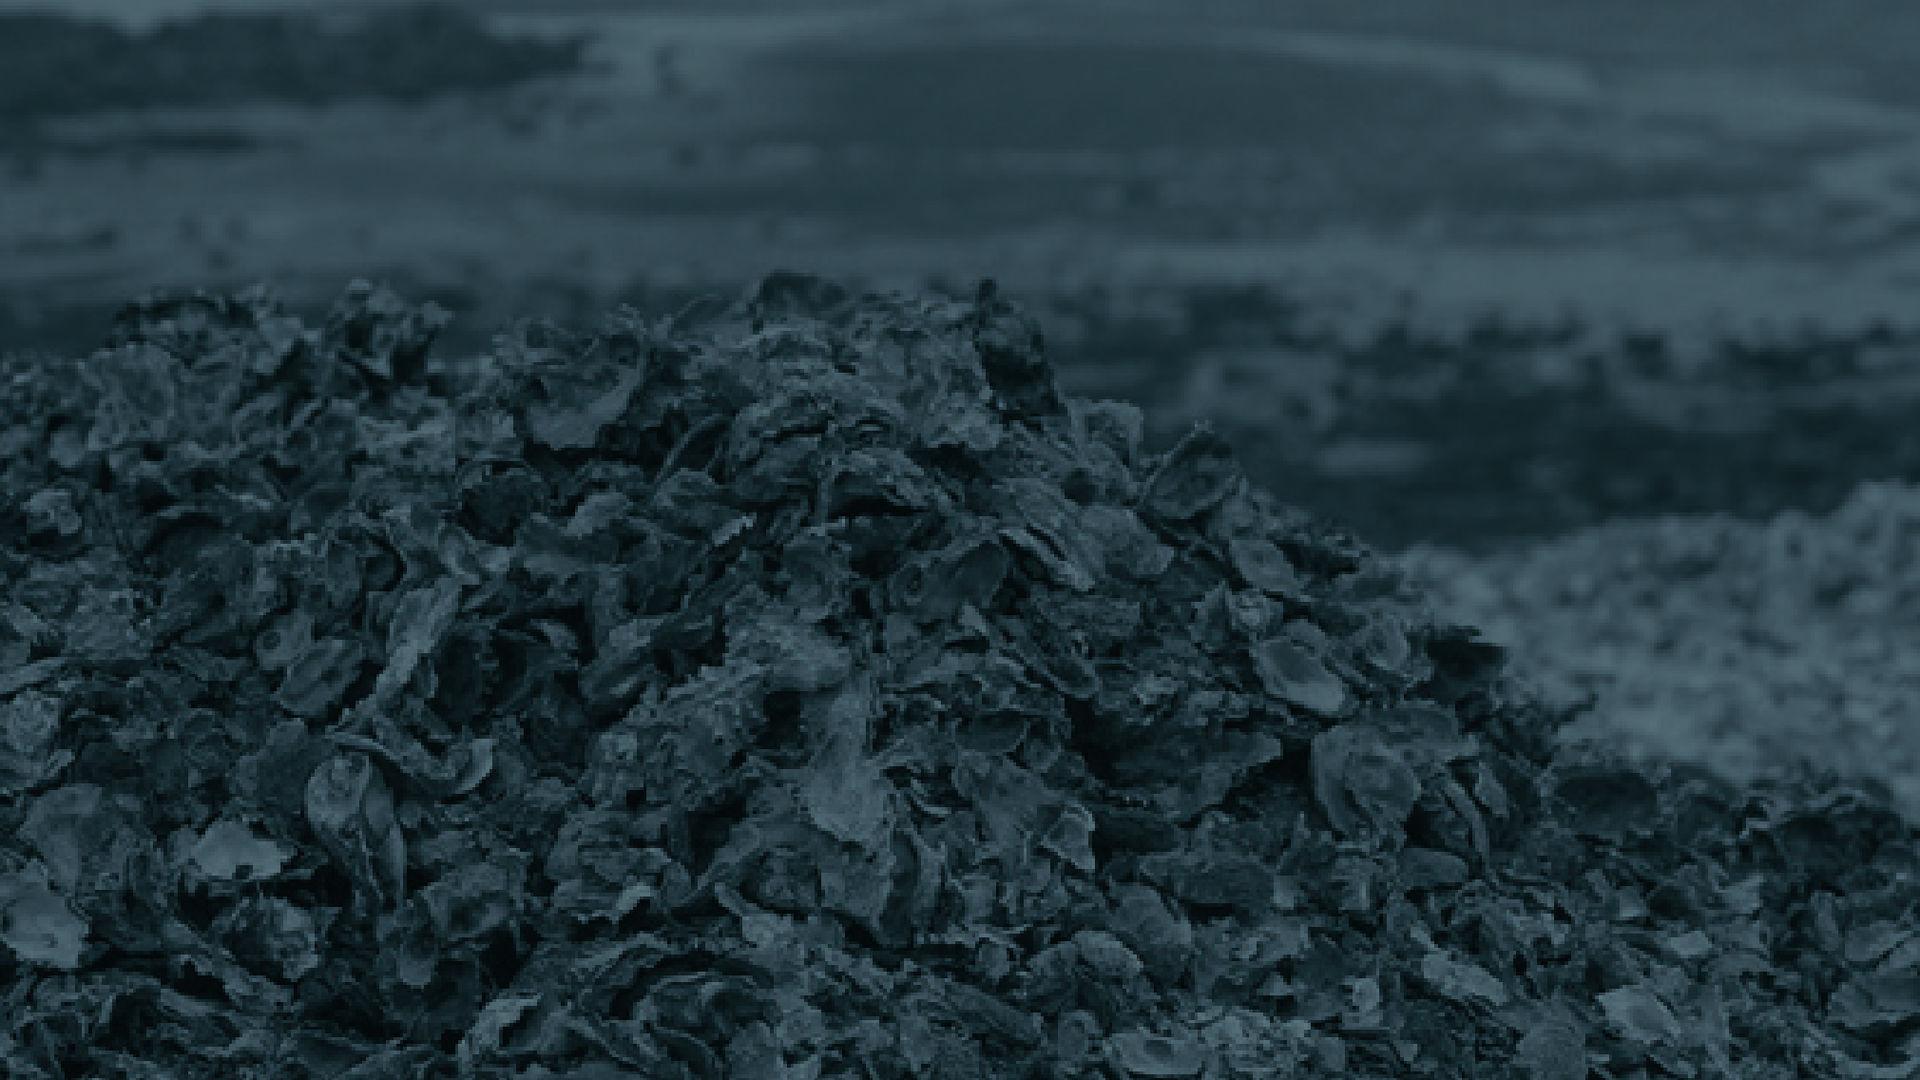 패립, 폐기되는 굴패각(연간 250,000톤)을 재활용하여 불산폐수처리비용 33%절감